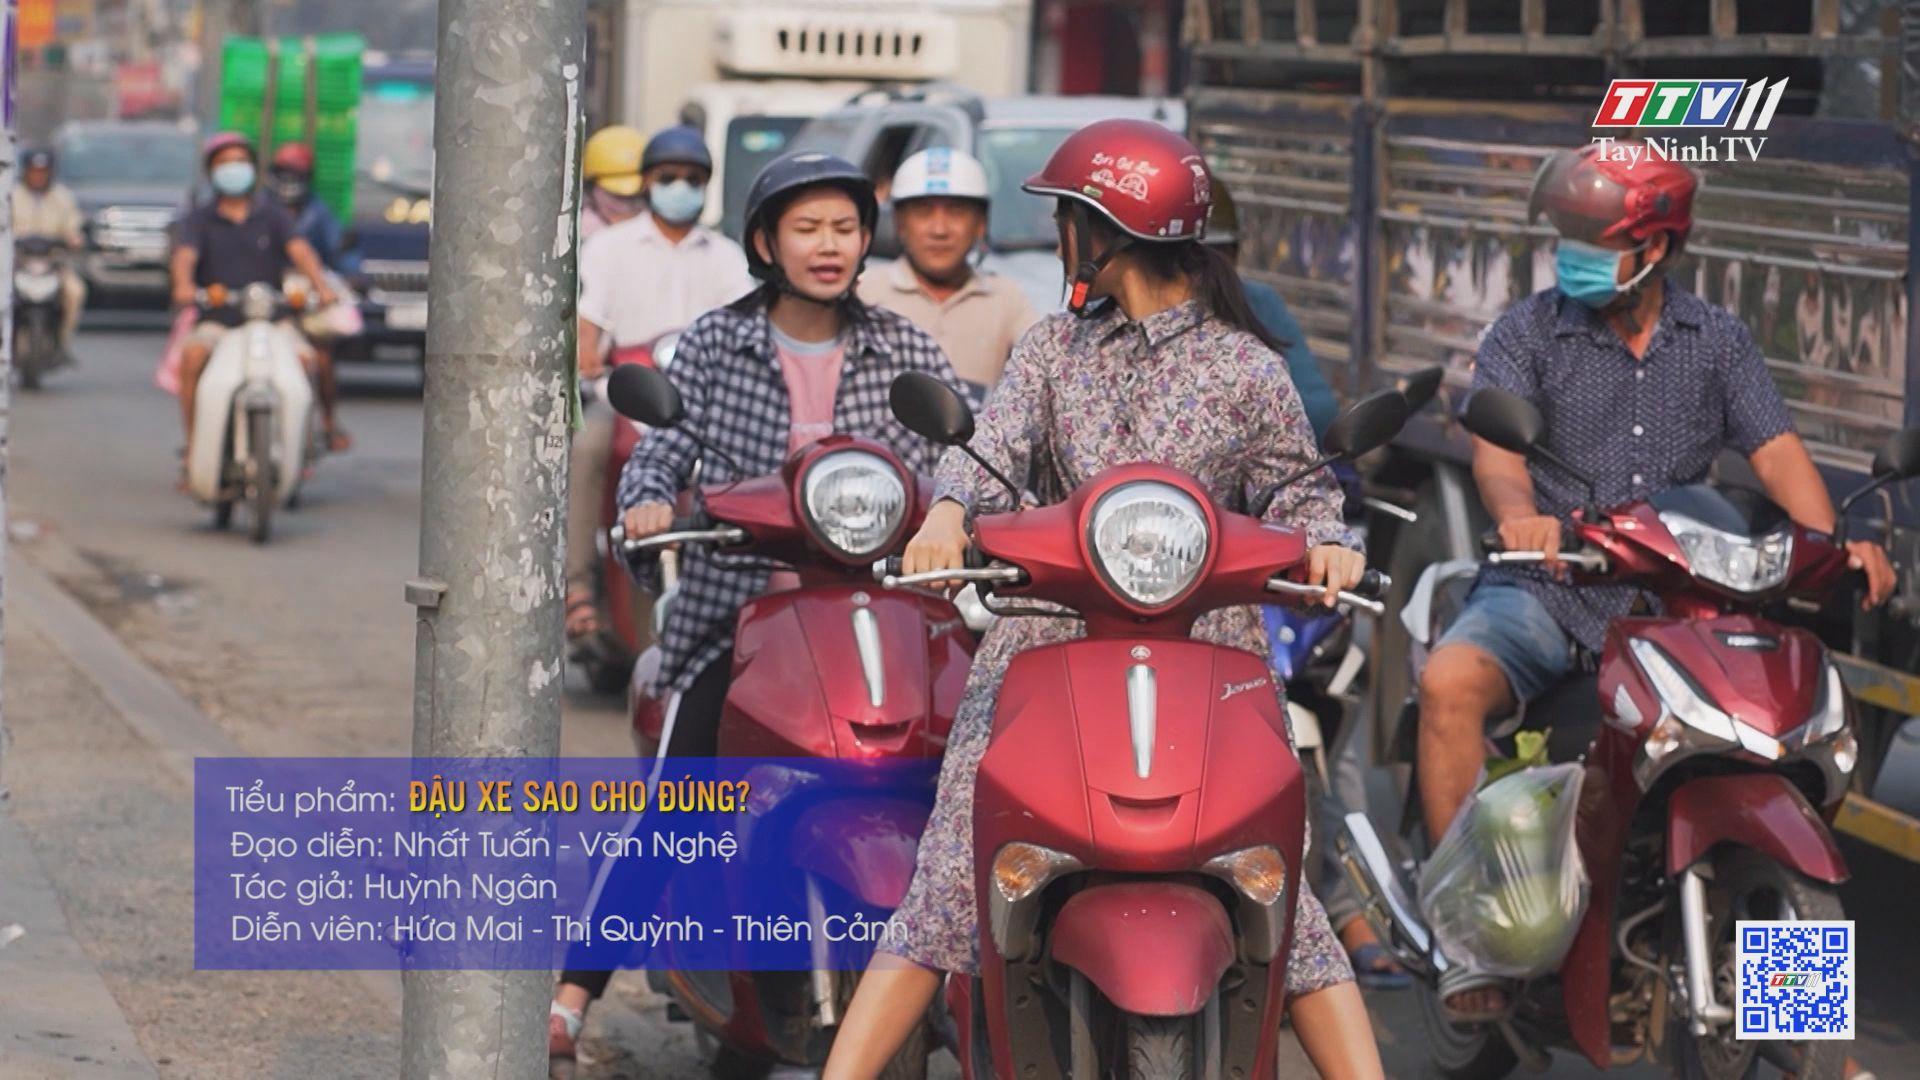 TayNinhTV   Văn hóa giao thông   Đậu xe sao cho đúng?